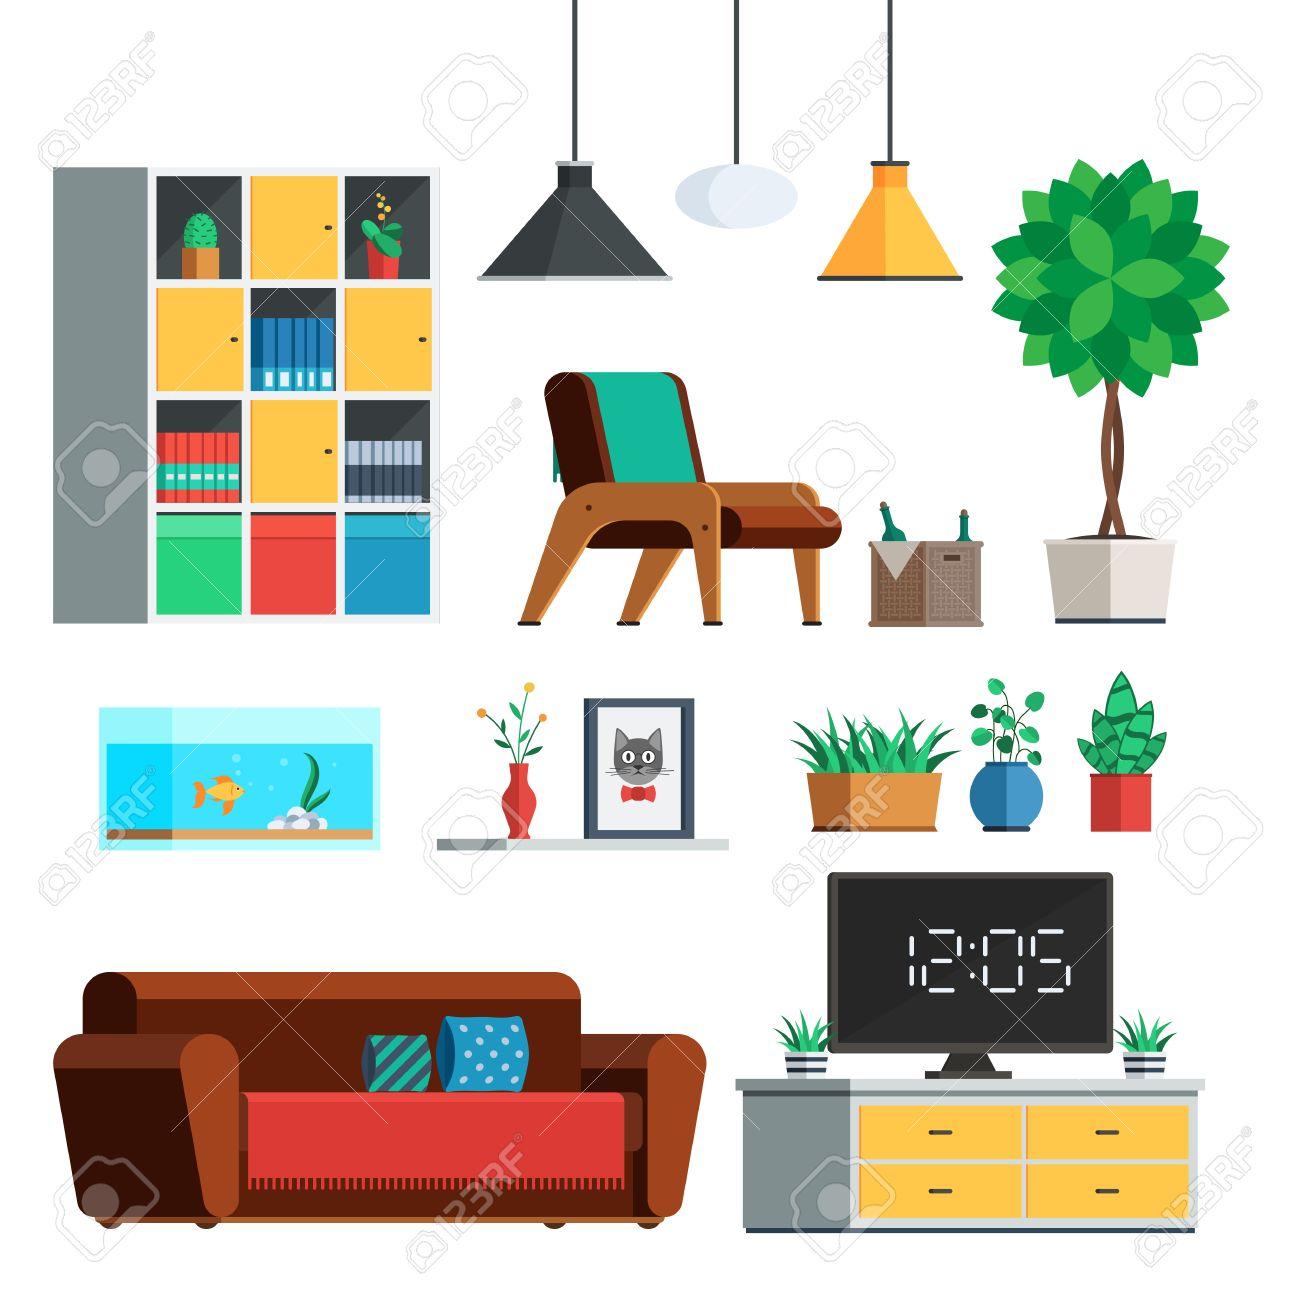 Mobel Innen Gesetzt Wohnzimmer Lampe Schrank Pflanzen Sofa Tv